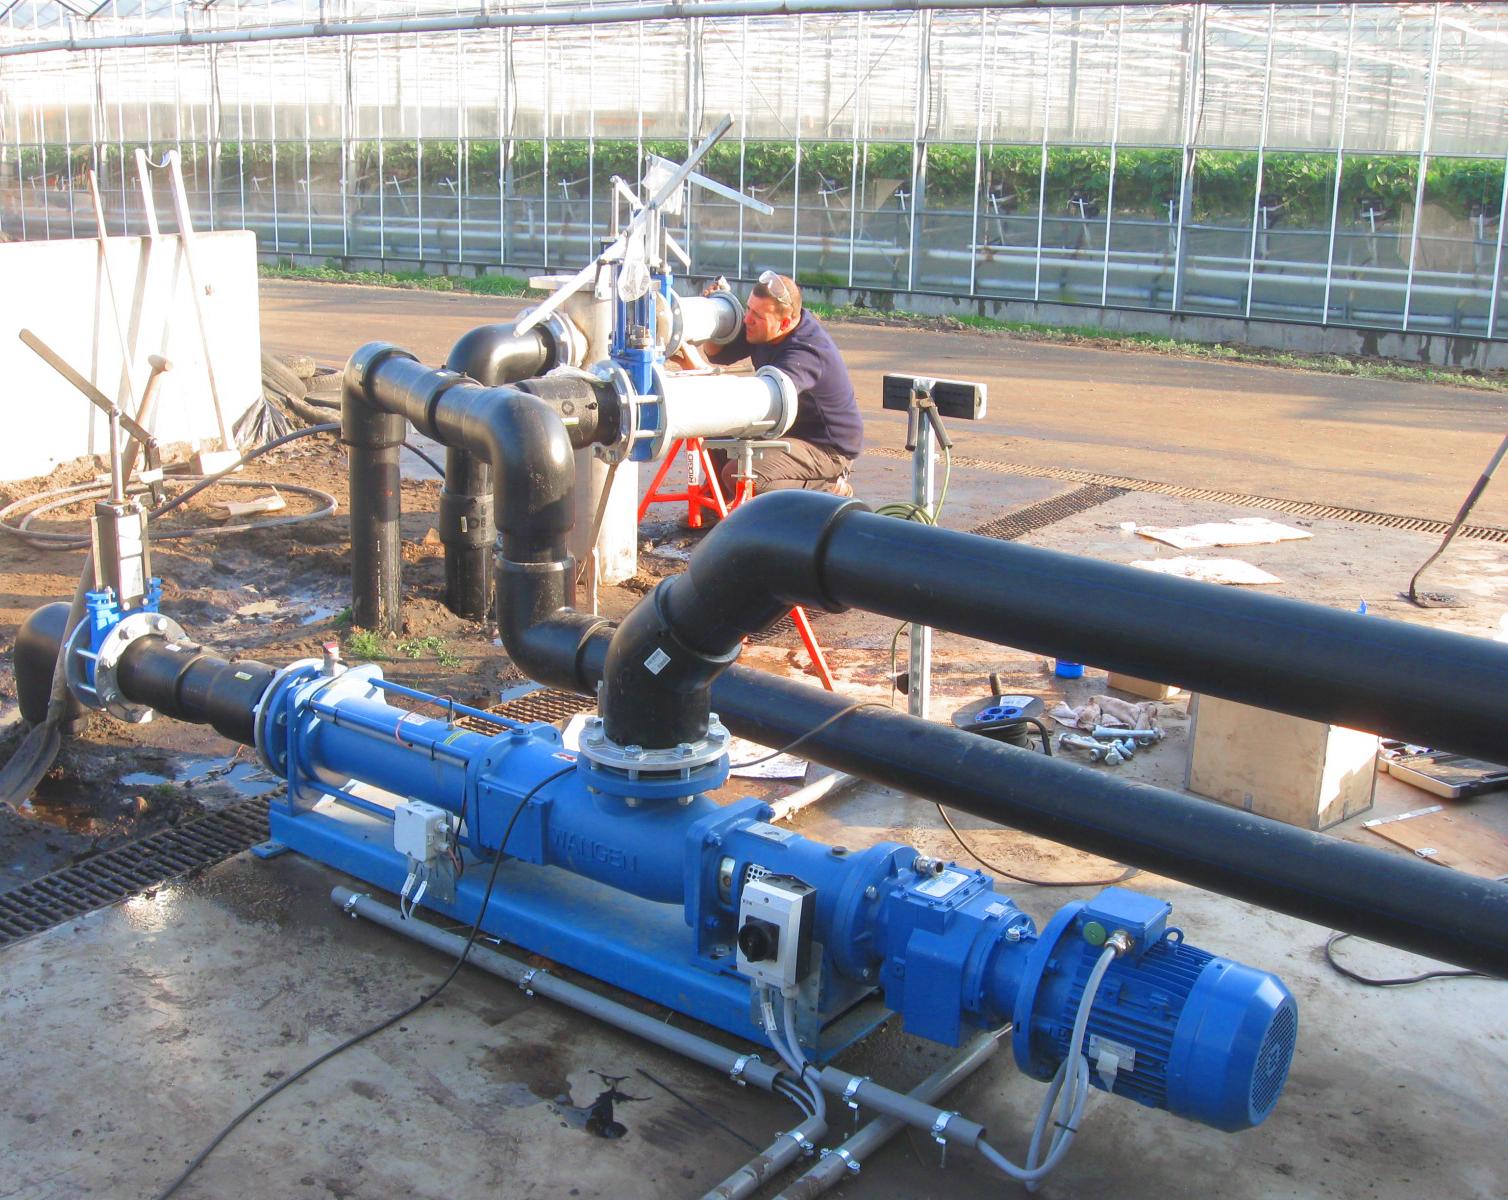 11 Planta de Biogás de 2 MW en Moerstraten Países Bajos - Trabajos tubería polietileno